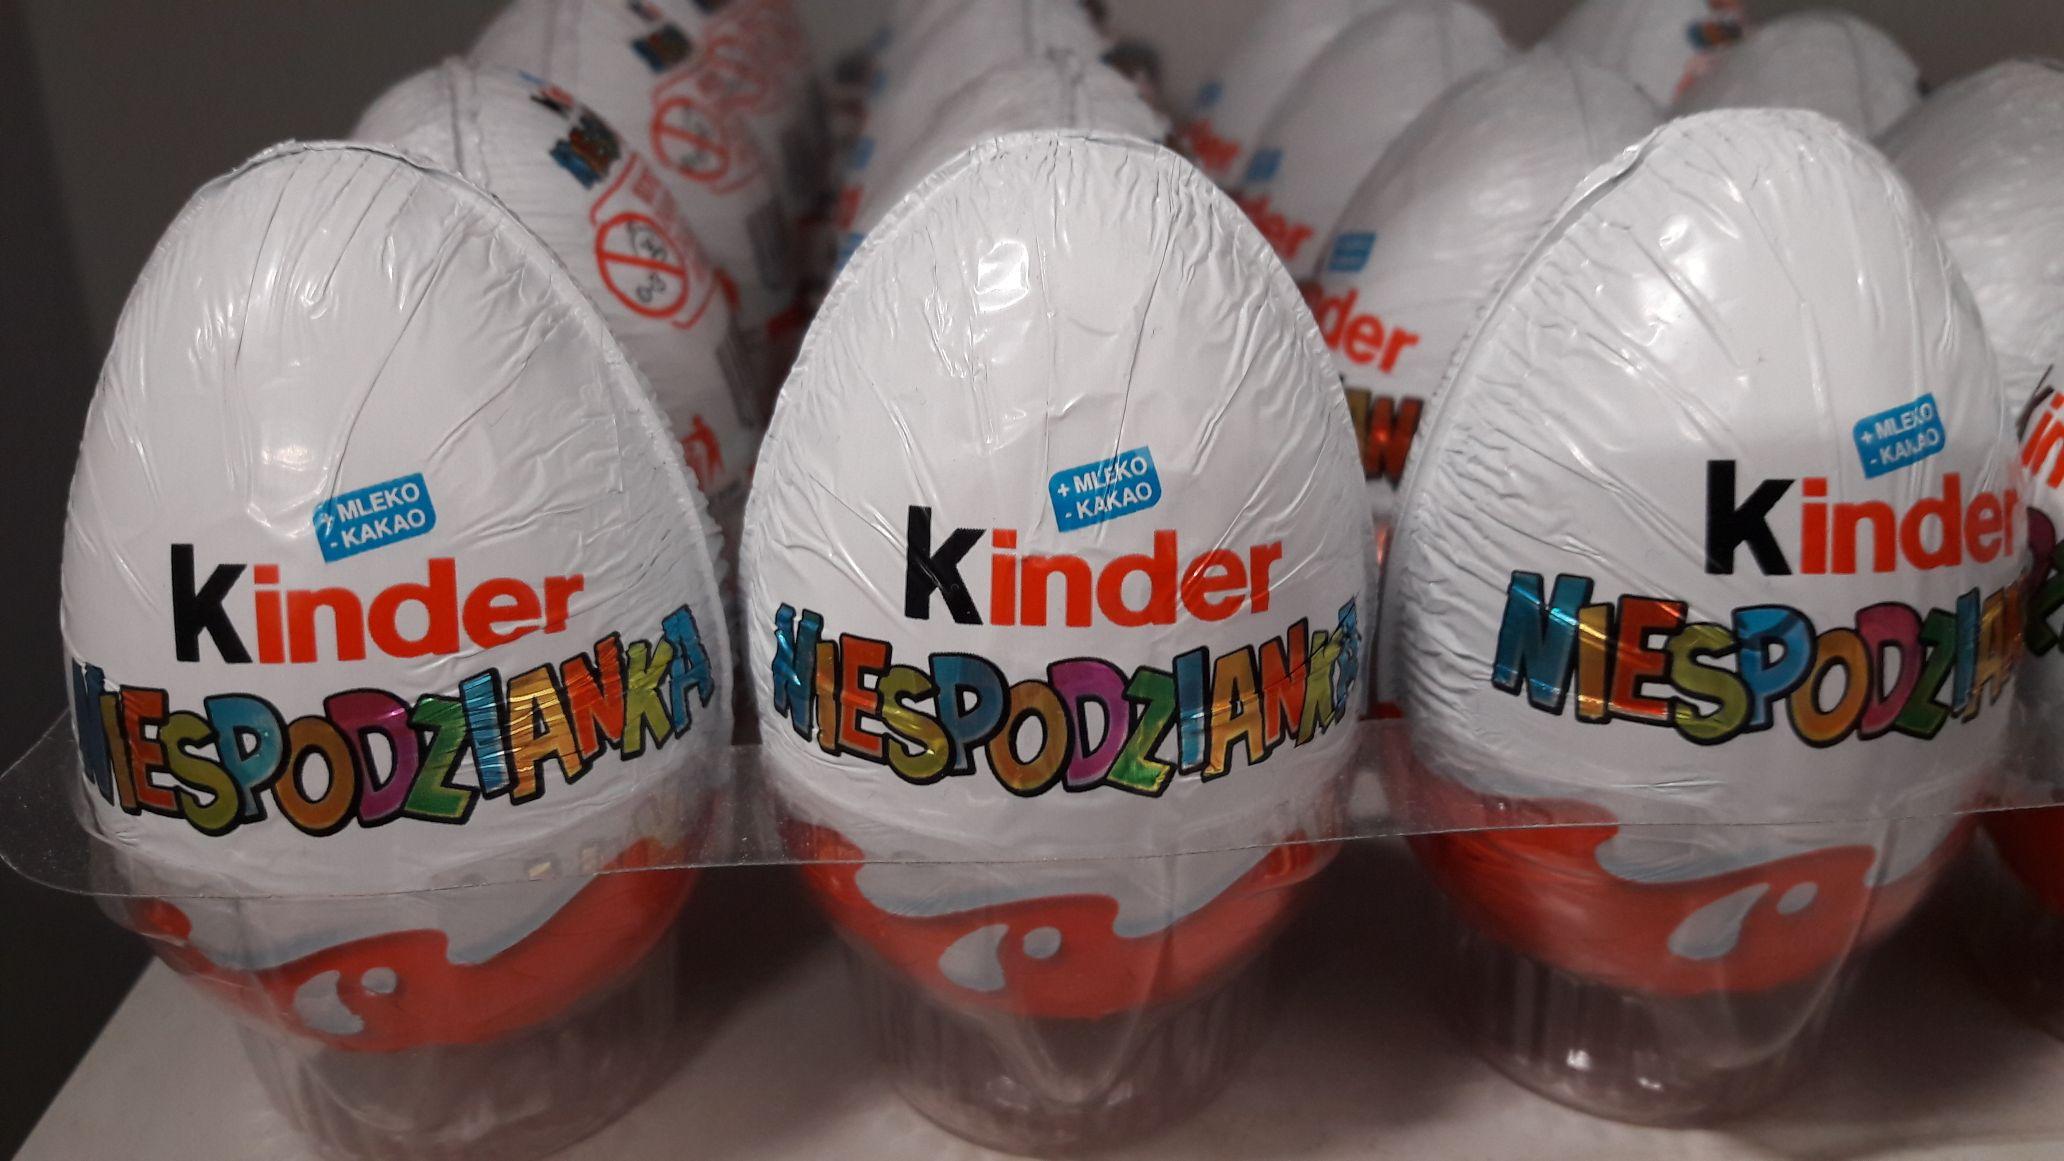 Jajko Kinder Niespodzianka Carrefour Toruń